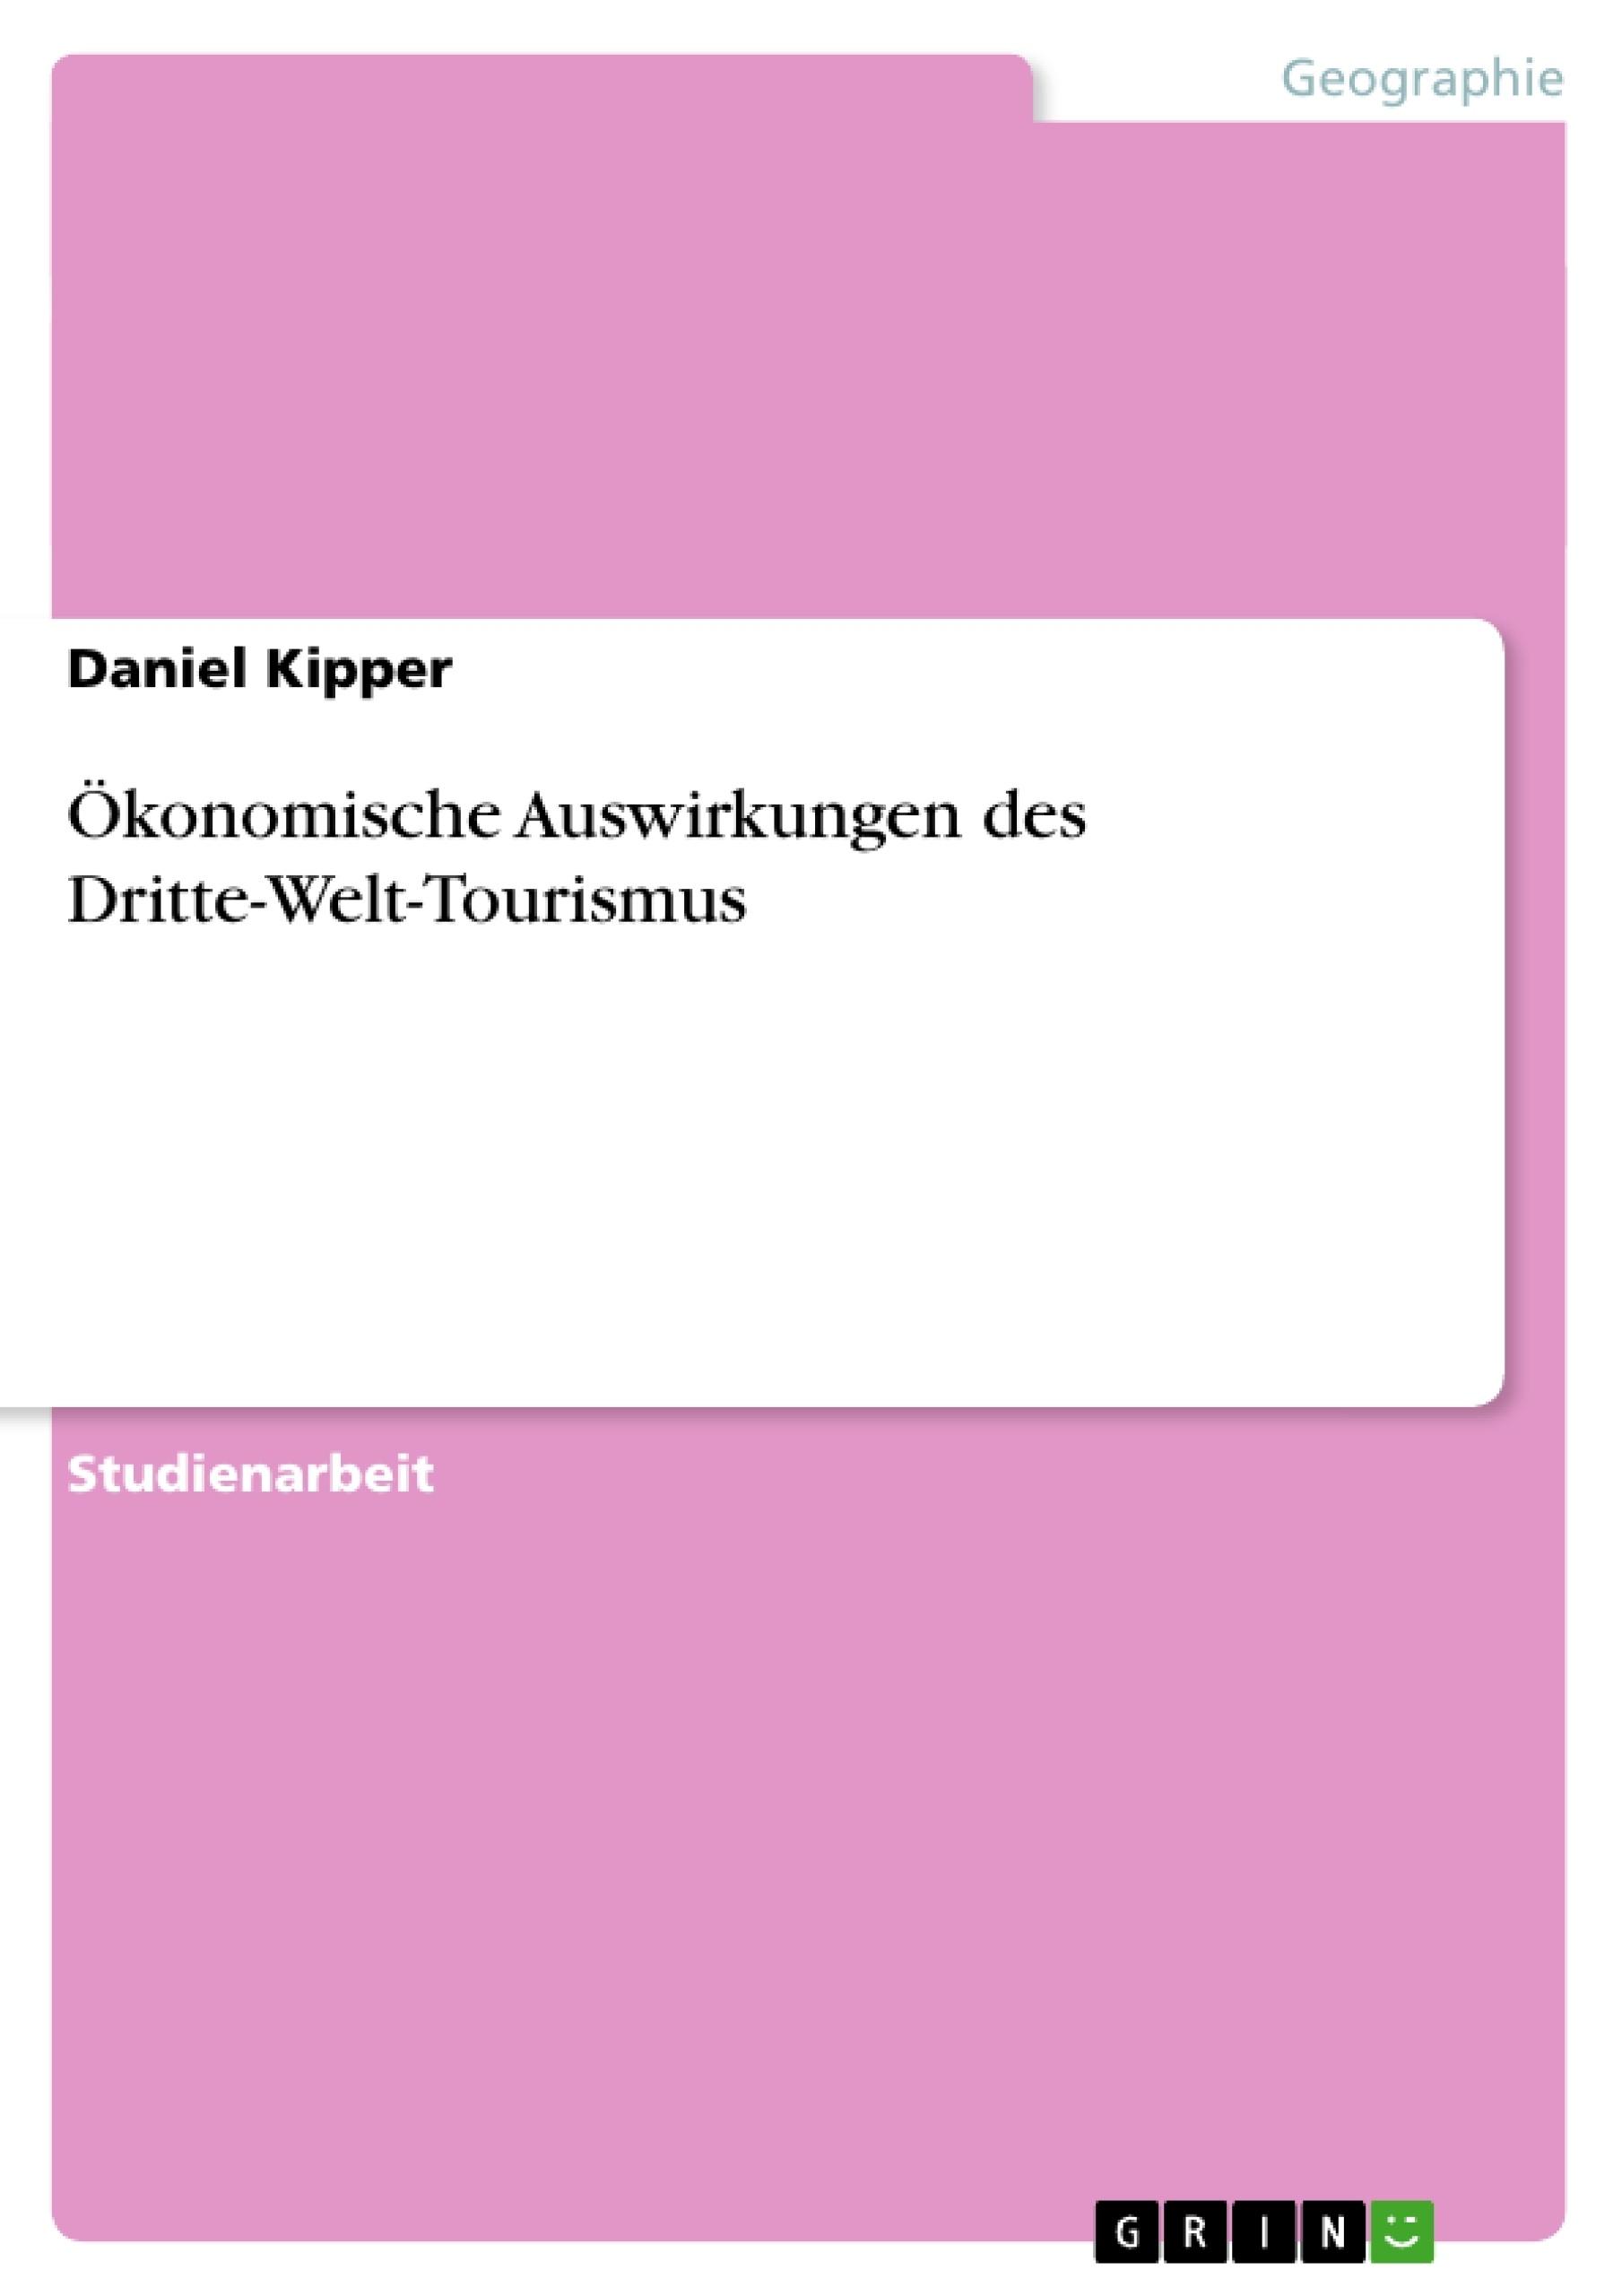 Titel: Ökonomische Auswirkungen des Dritte-Welt-Tourismus